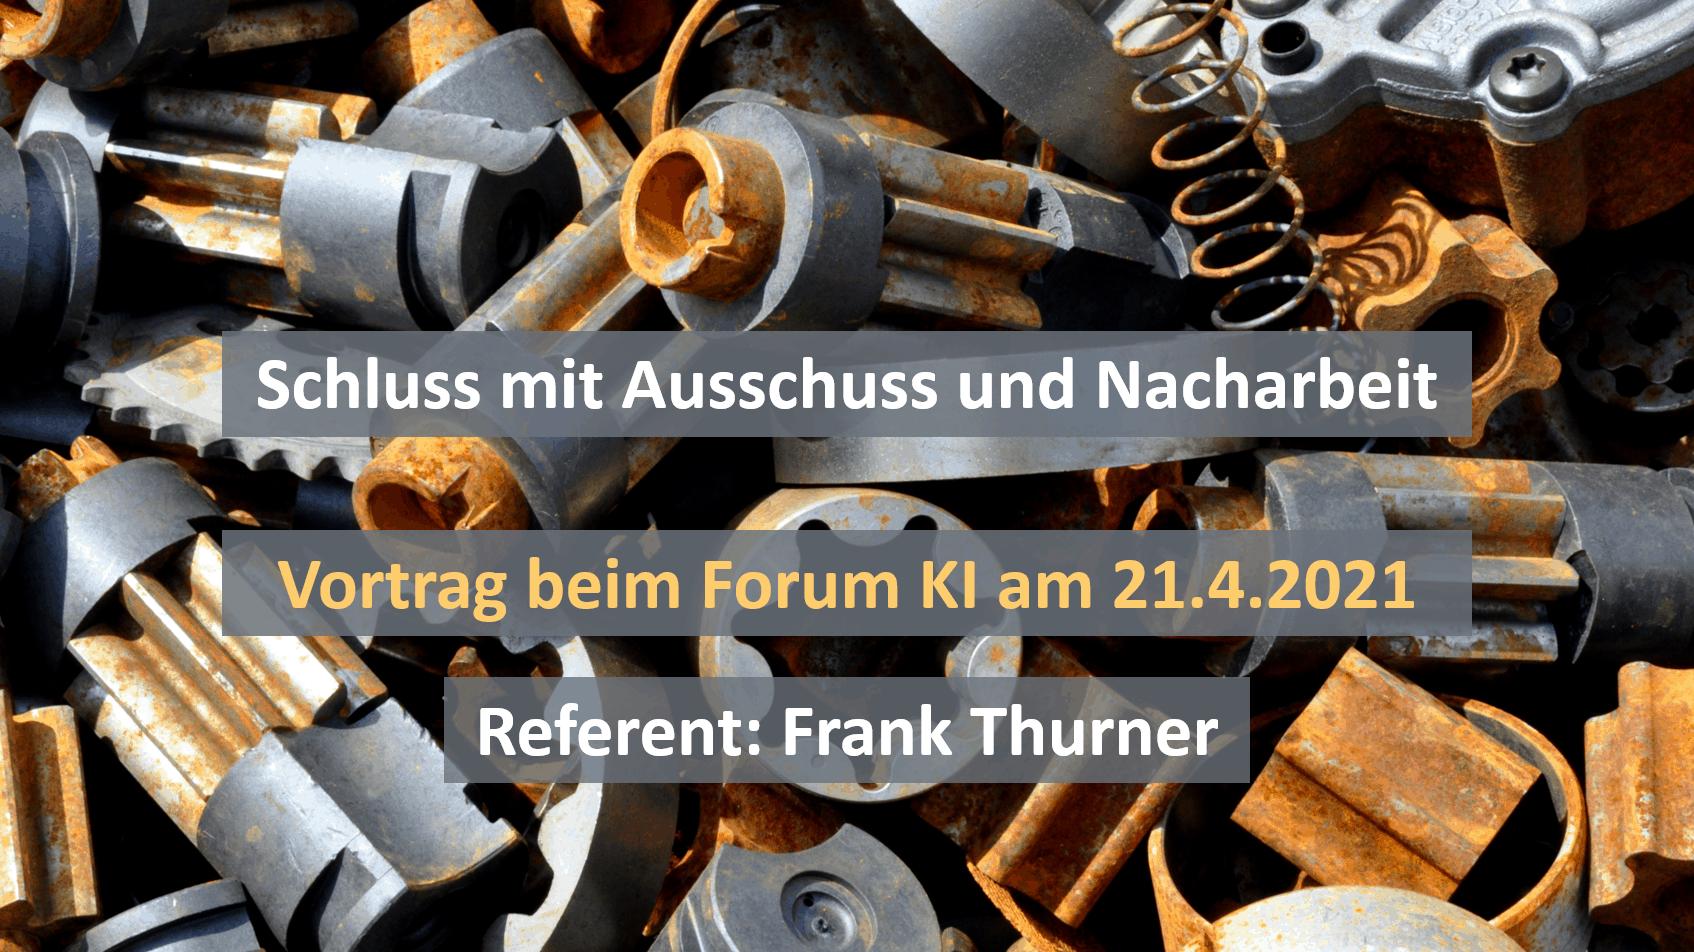 Schluss mit Ausschuss und Nacharbeit - Vortrag am 21.4.2021 beim Forum Künstliche Intelligenz